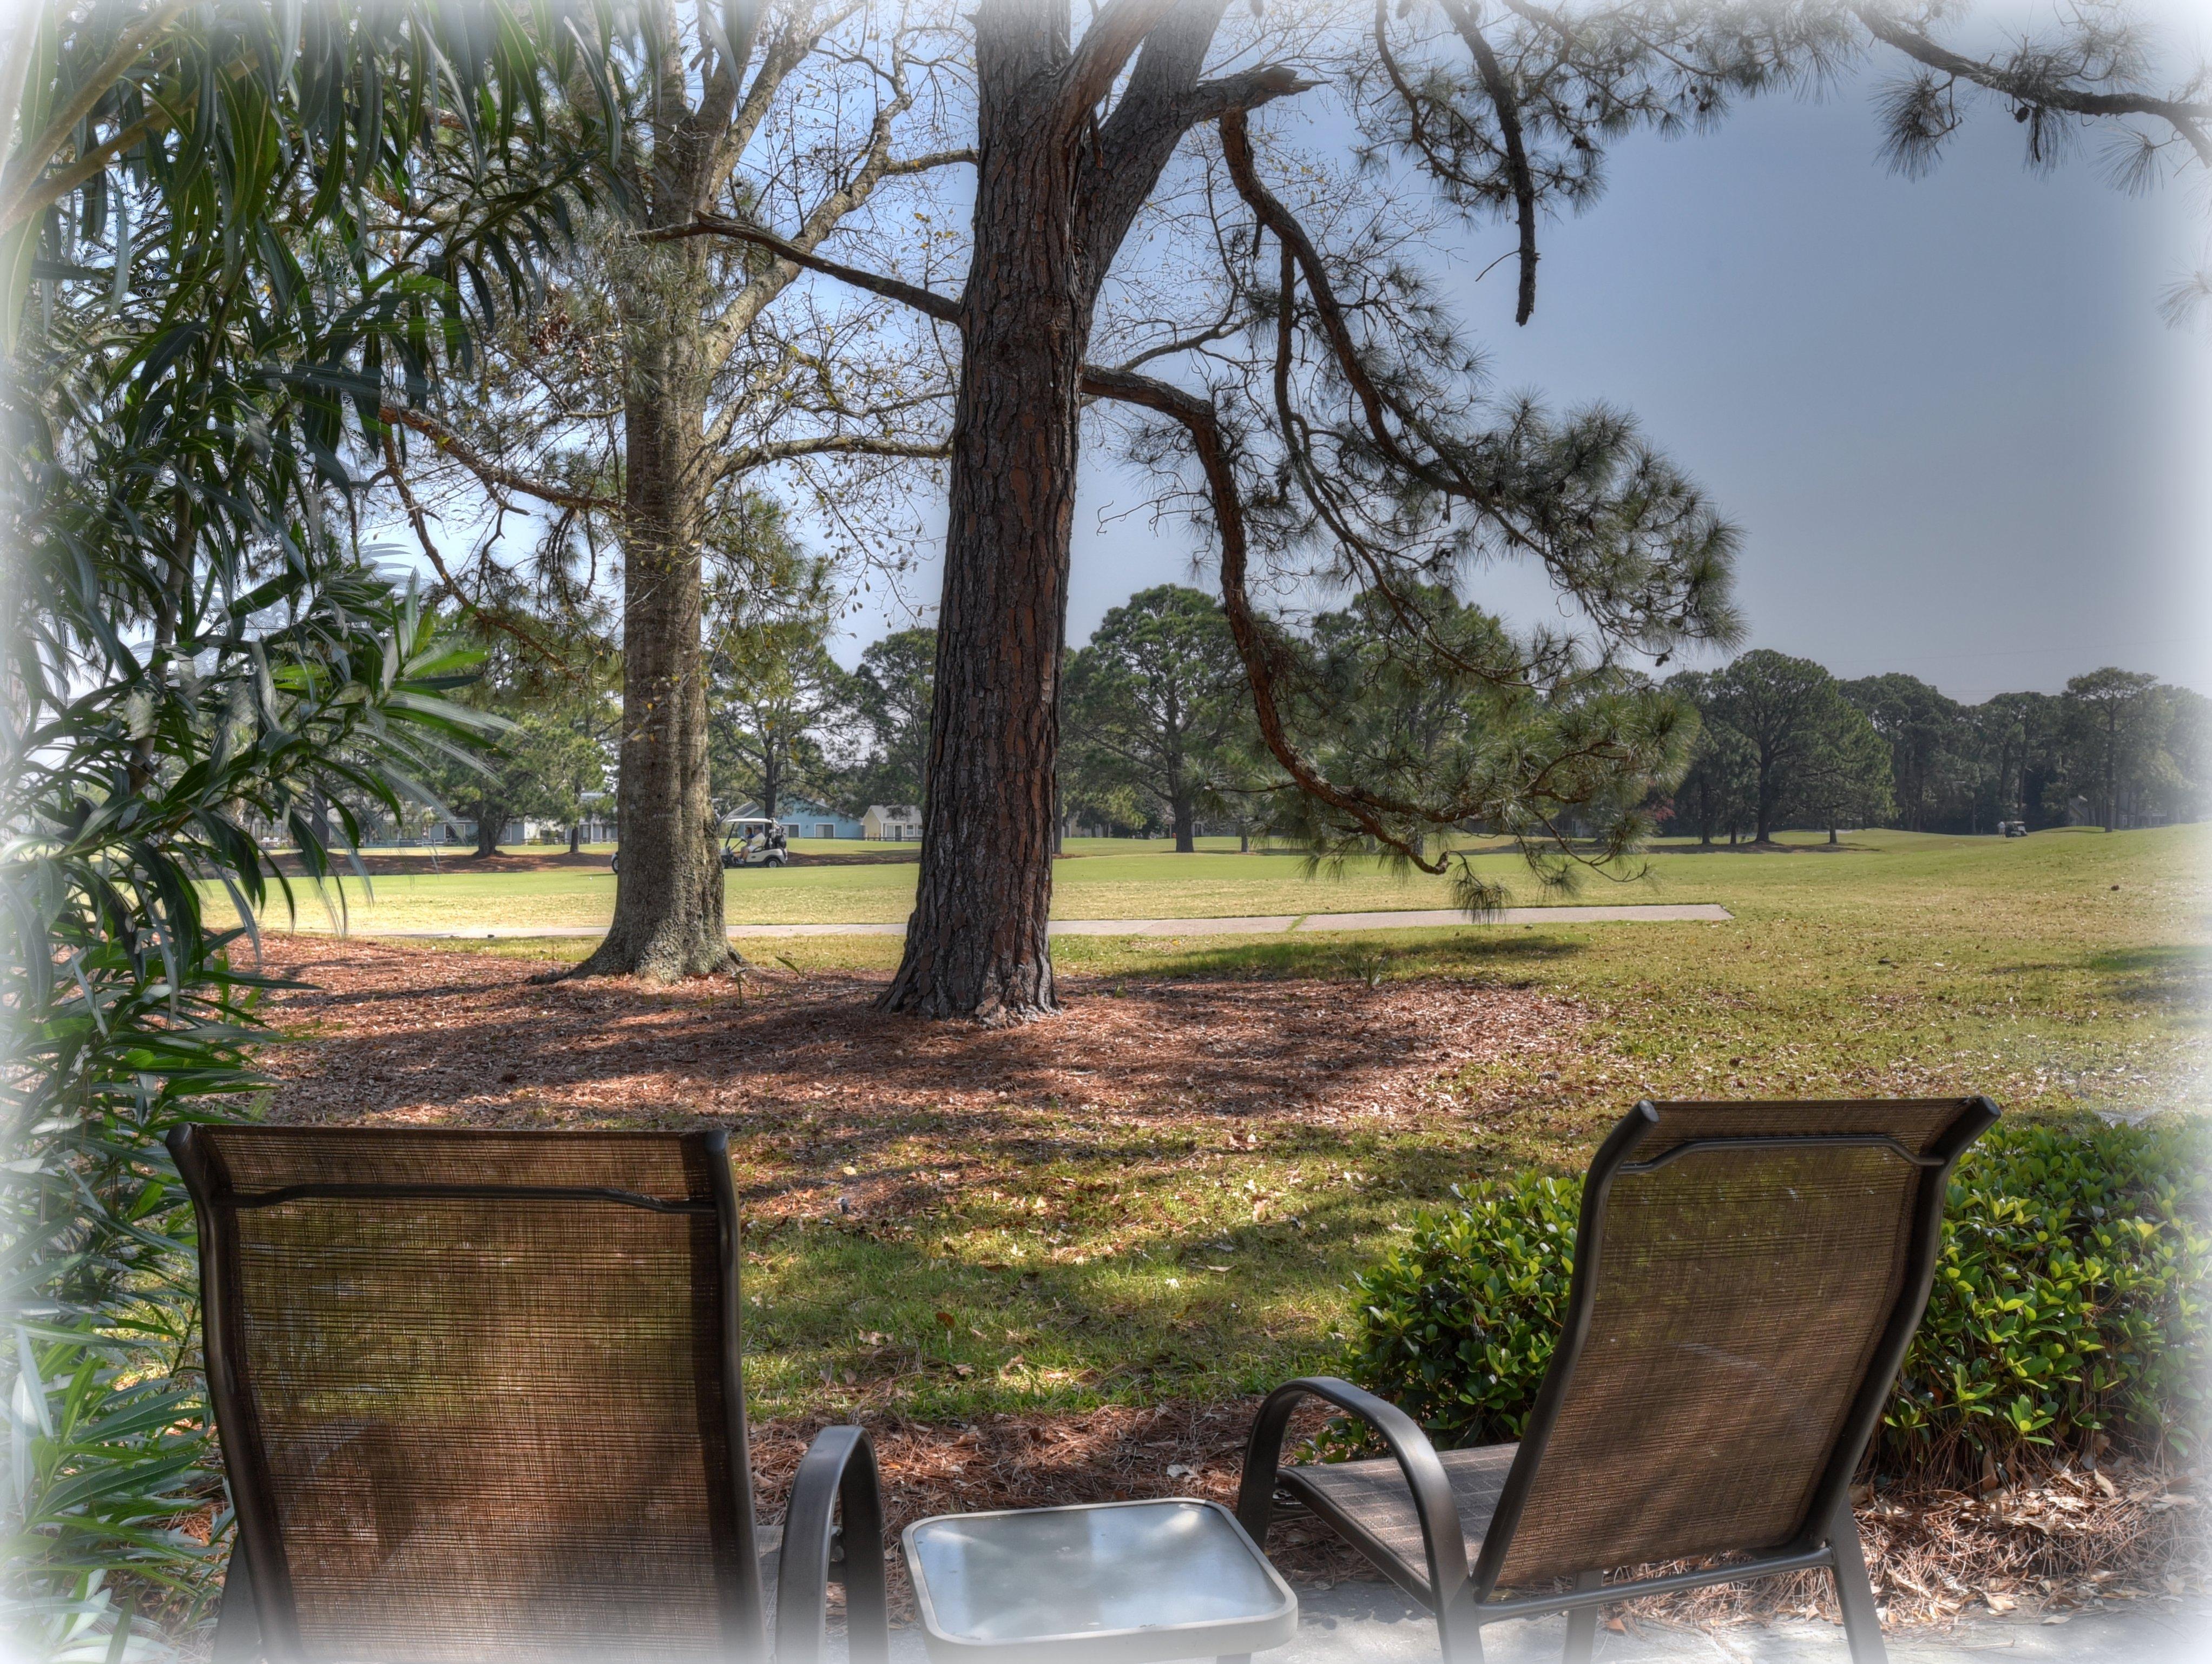 285 Fairways Condo rental in Sandestin Rentals ~ Cottages and Villas  in Destin Florida - #23